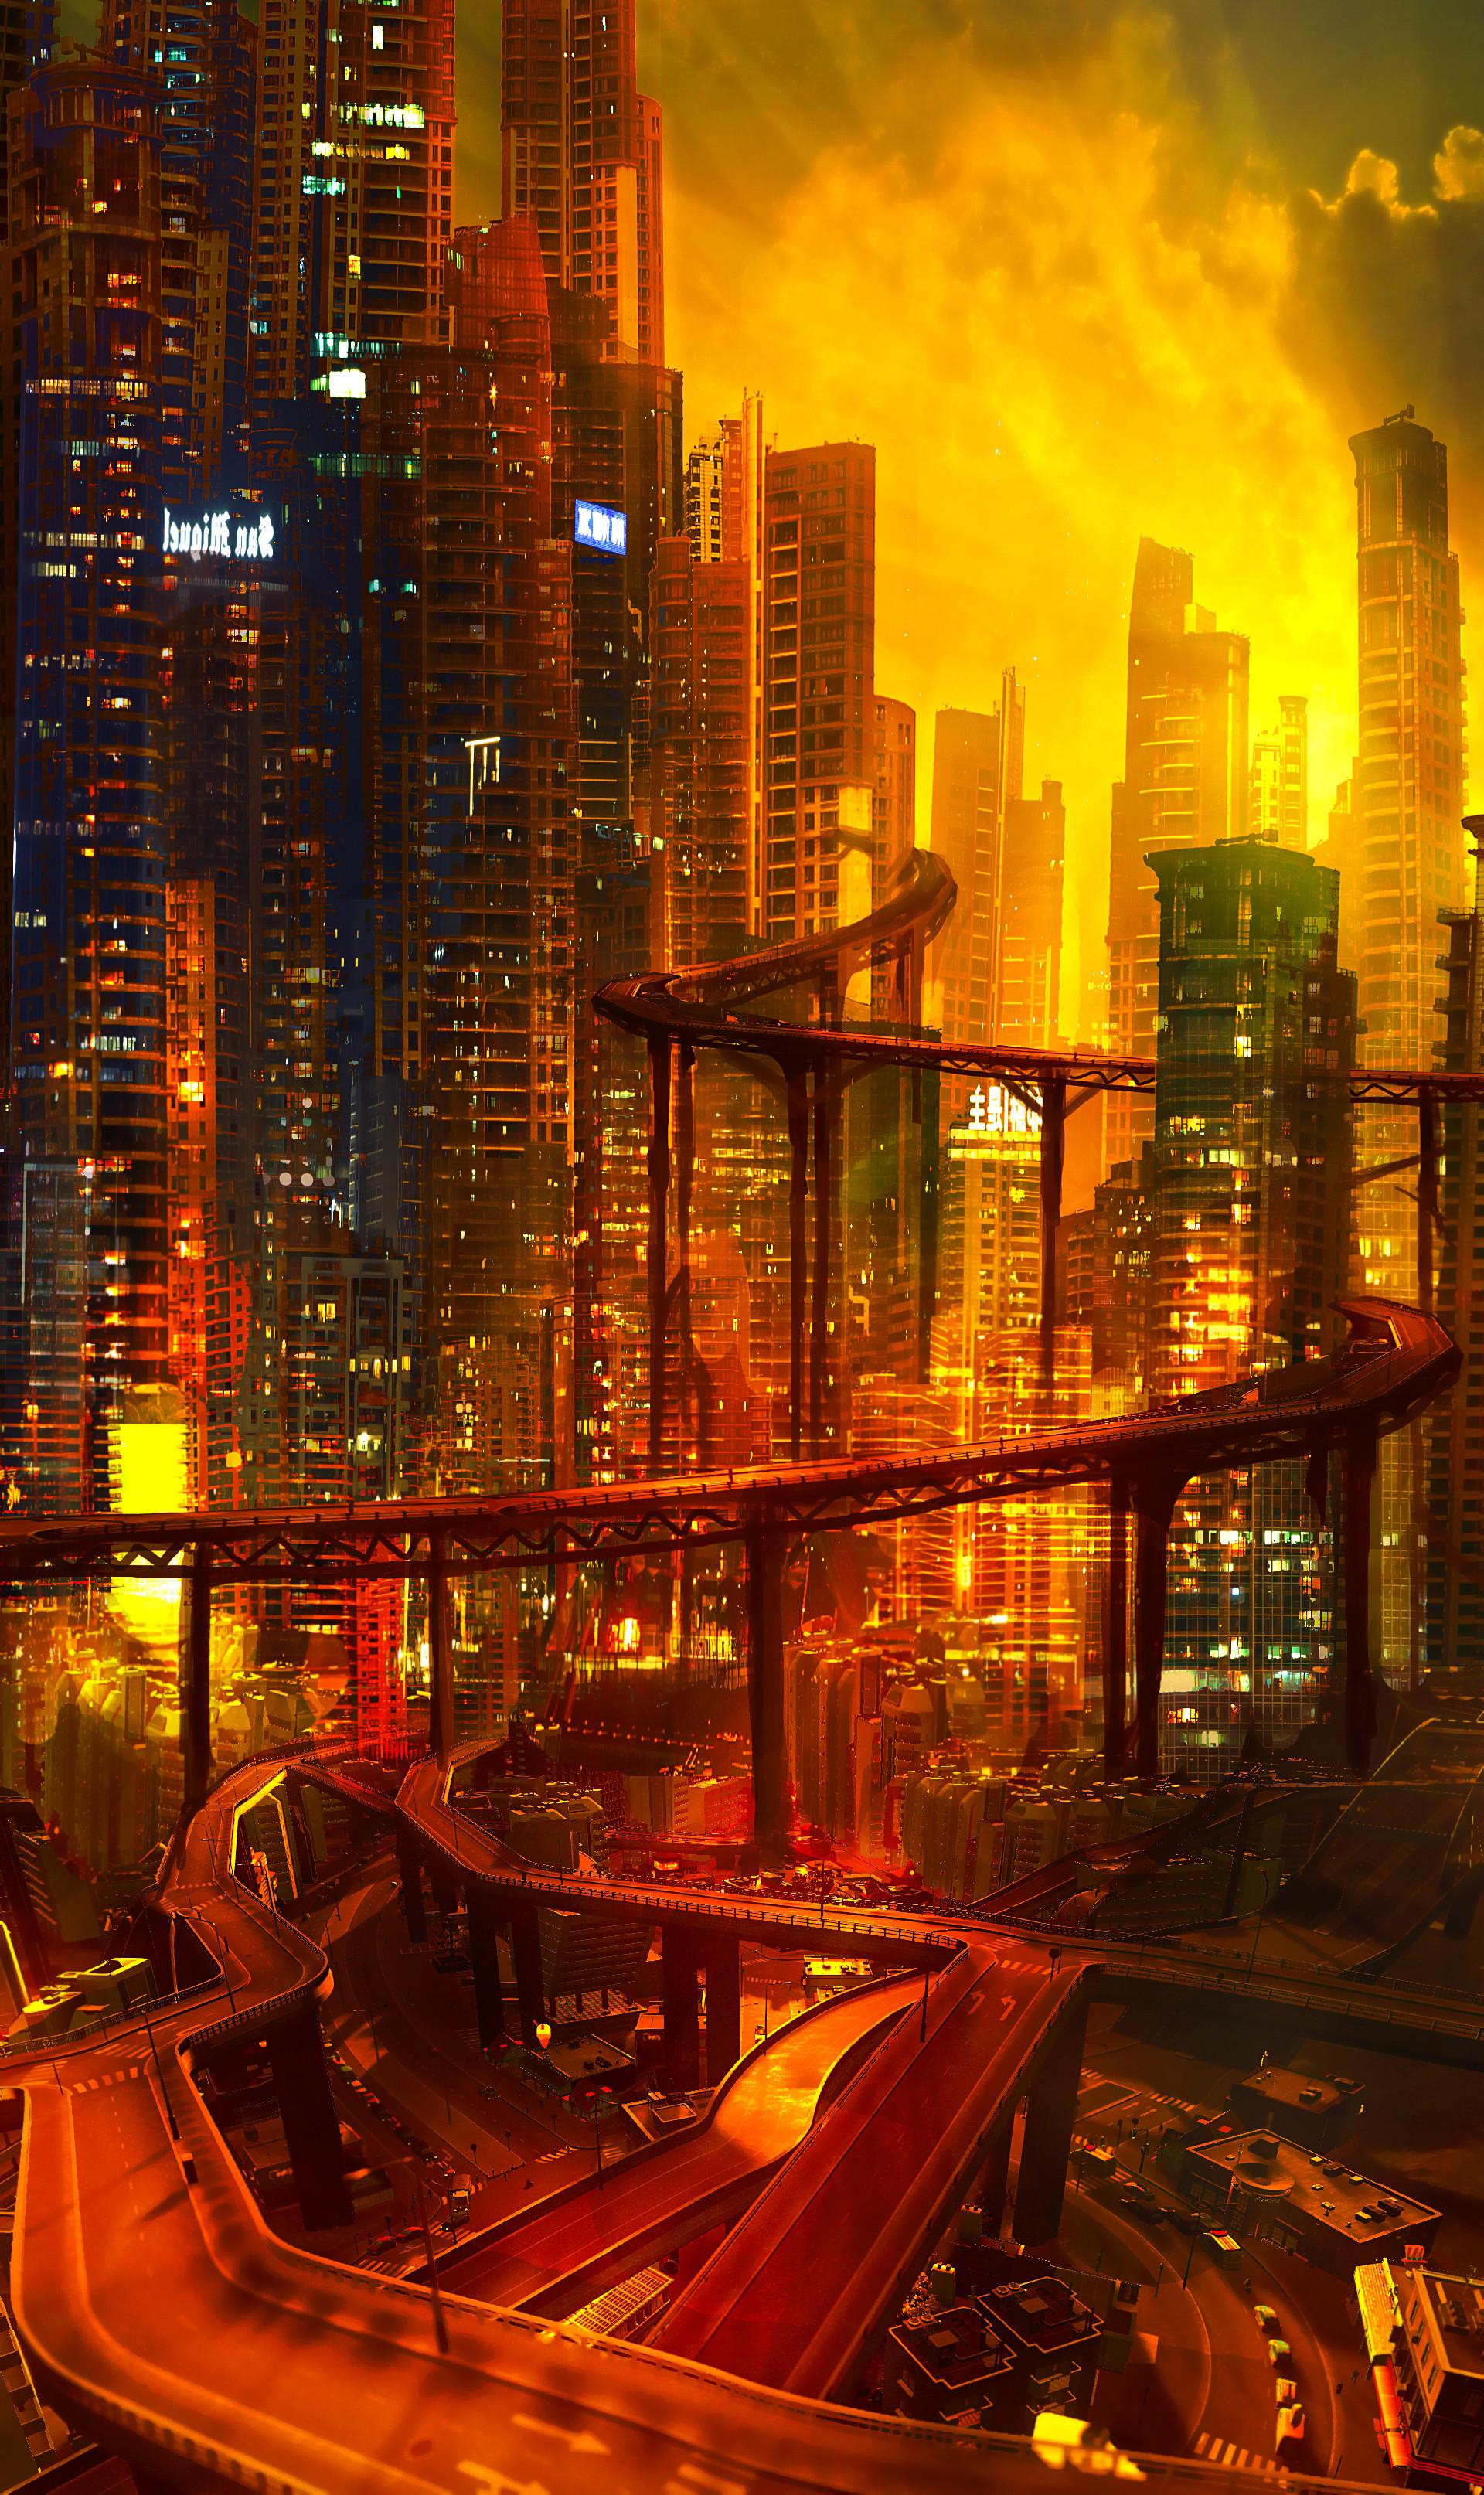 94287 Salvapantallas y fondos de pantalla Arquitectura en tu teléfono. Descarga imágenes de Arte, Ciudad, Futuro, Cyberpunk, Noche, Las Luces, Luces, Cruce De Carreteras, Arquitectura gratis